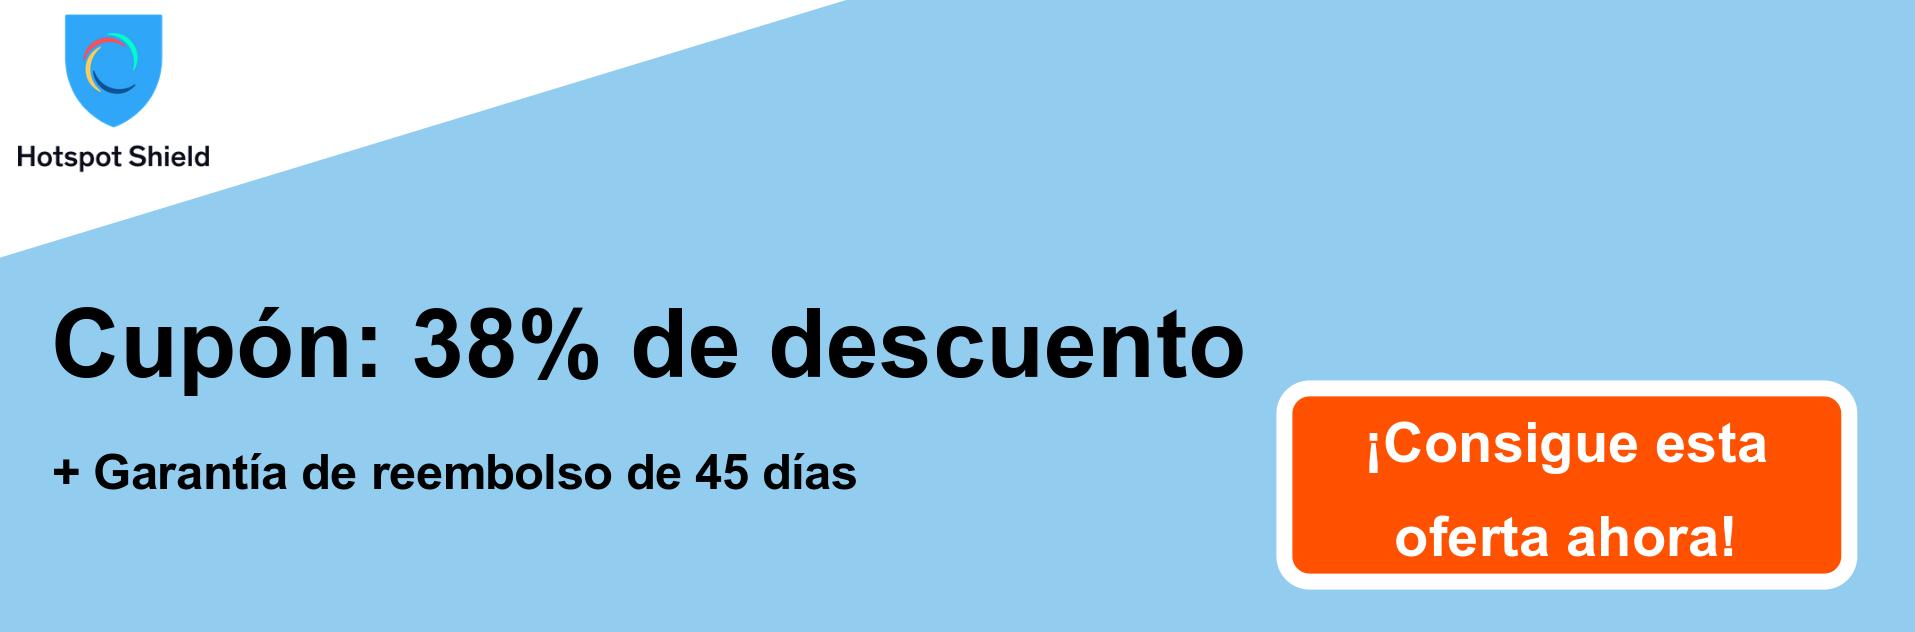 Banner de cupón HotspotShield VPN: 38% de descuento